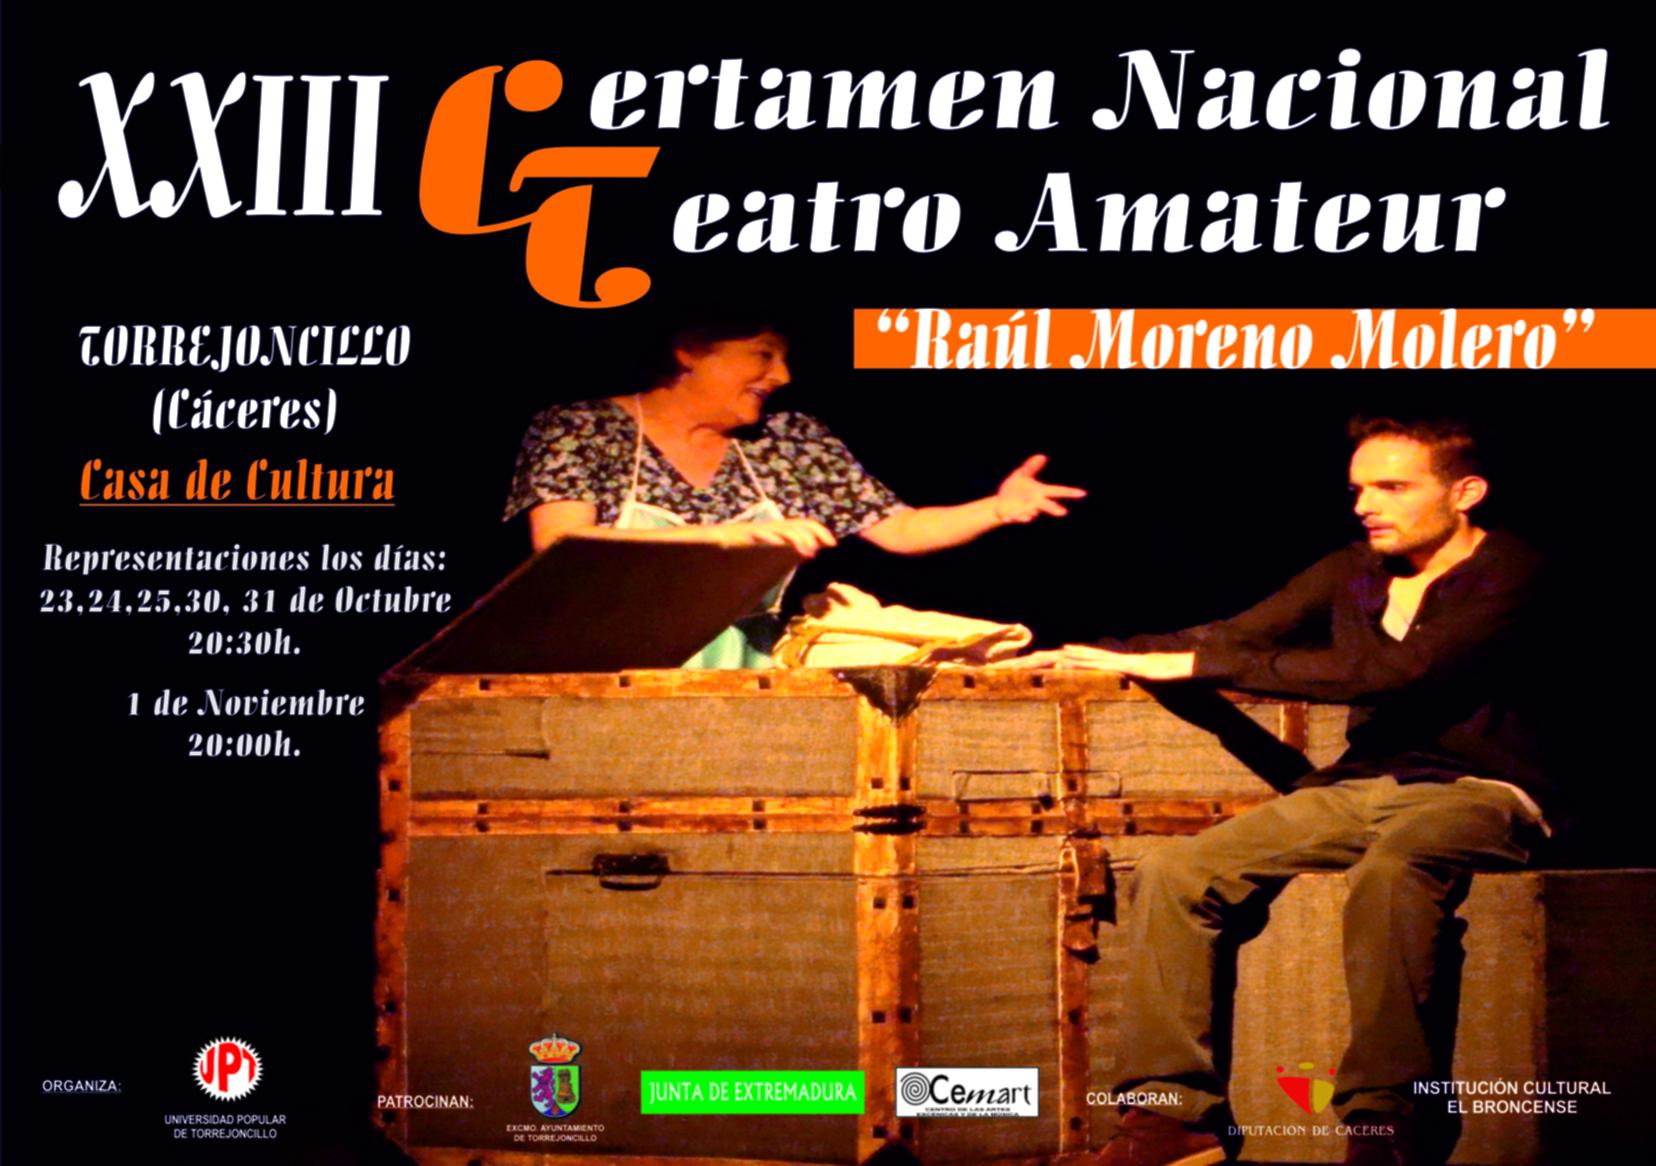 XXIII Certamen Nacional de Teatro «Raúl Moreno Molero»